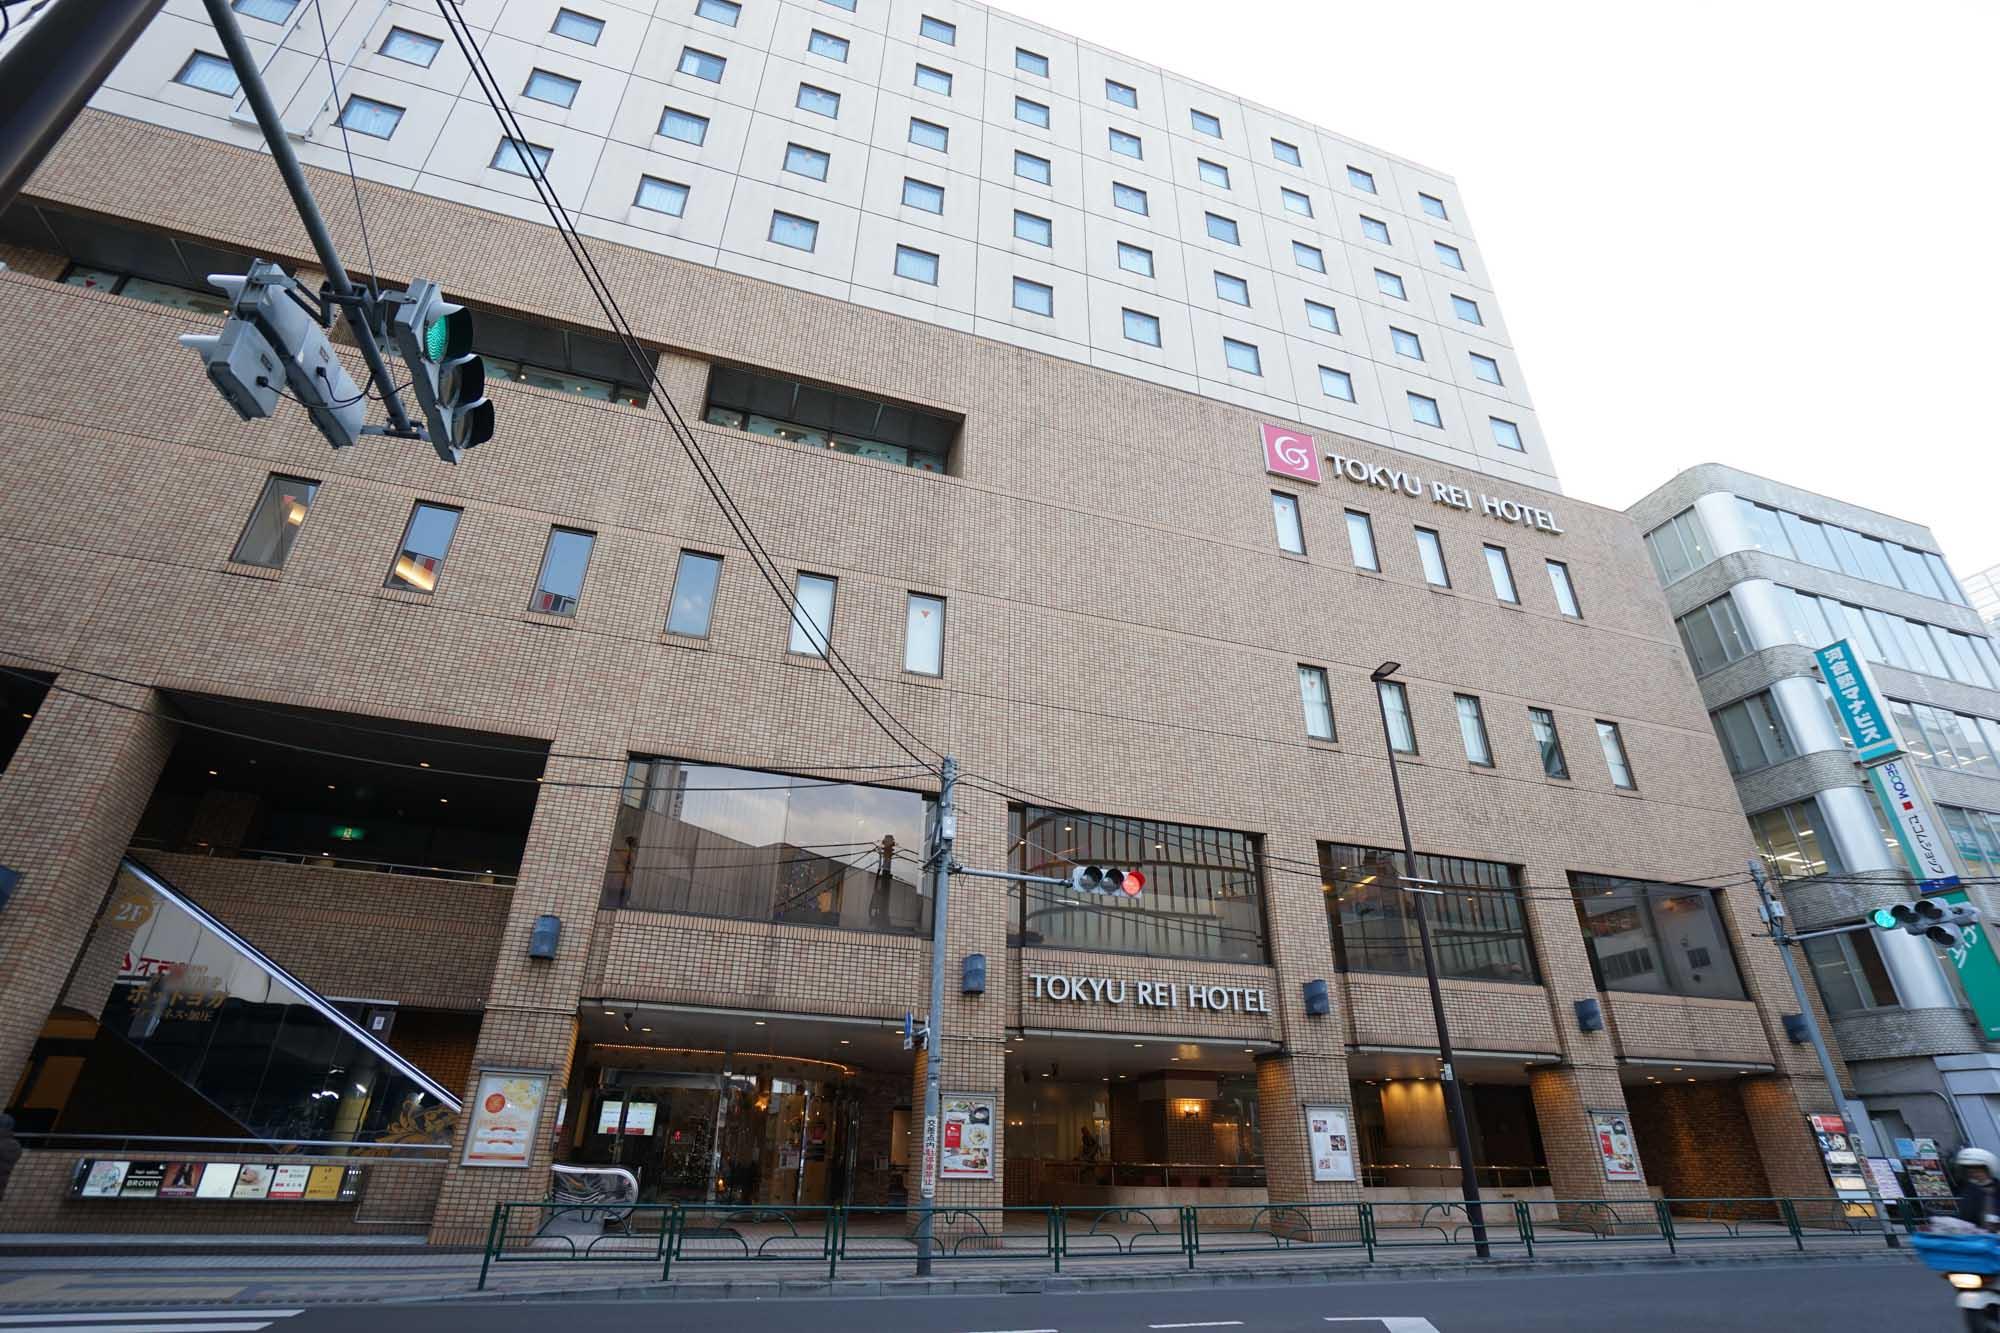 この交差点に面して建っているのが「吉祥寺東急REIホテル」。思った以上に近い!走れば駅から30秒ぐらいではないでしょうか。